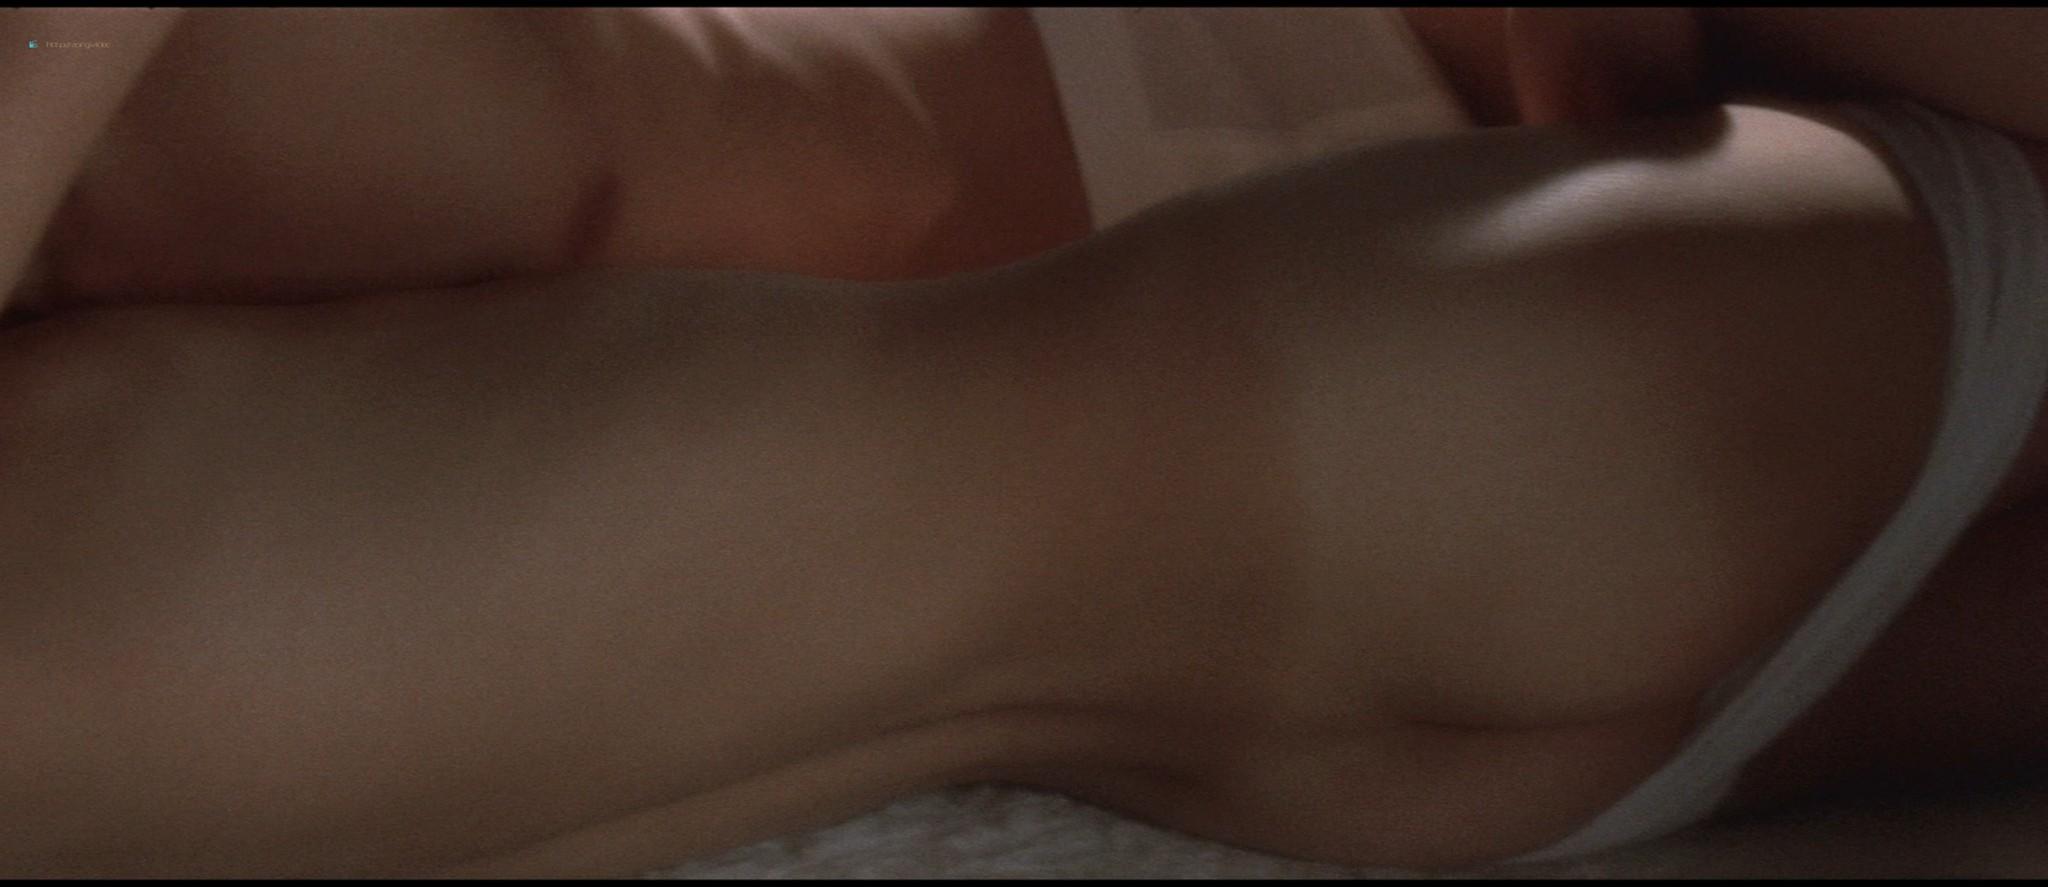 Tomoko Katsura nude sex Hidemi Hara nude sex too - Mesunekotachi no yoru (JP-1972) HD 1080p BluRay (11)